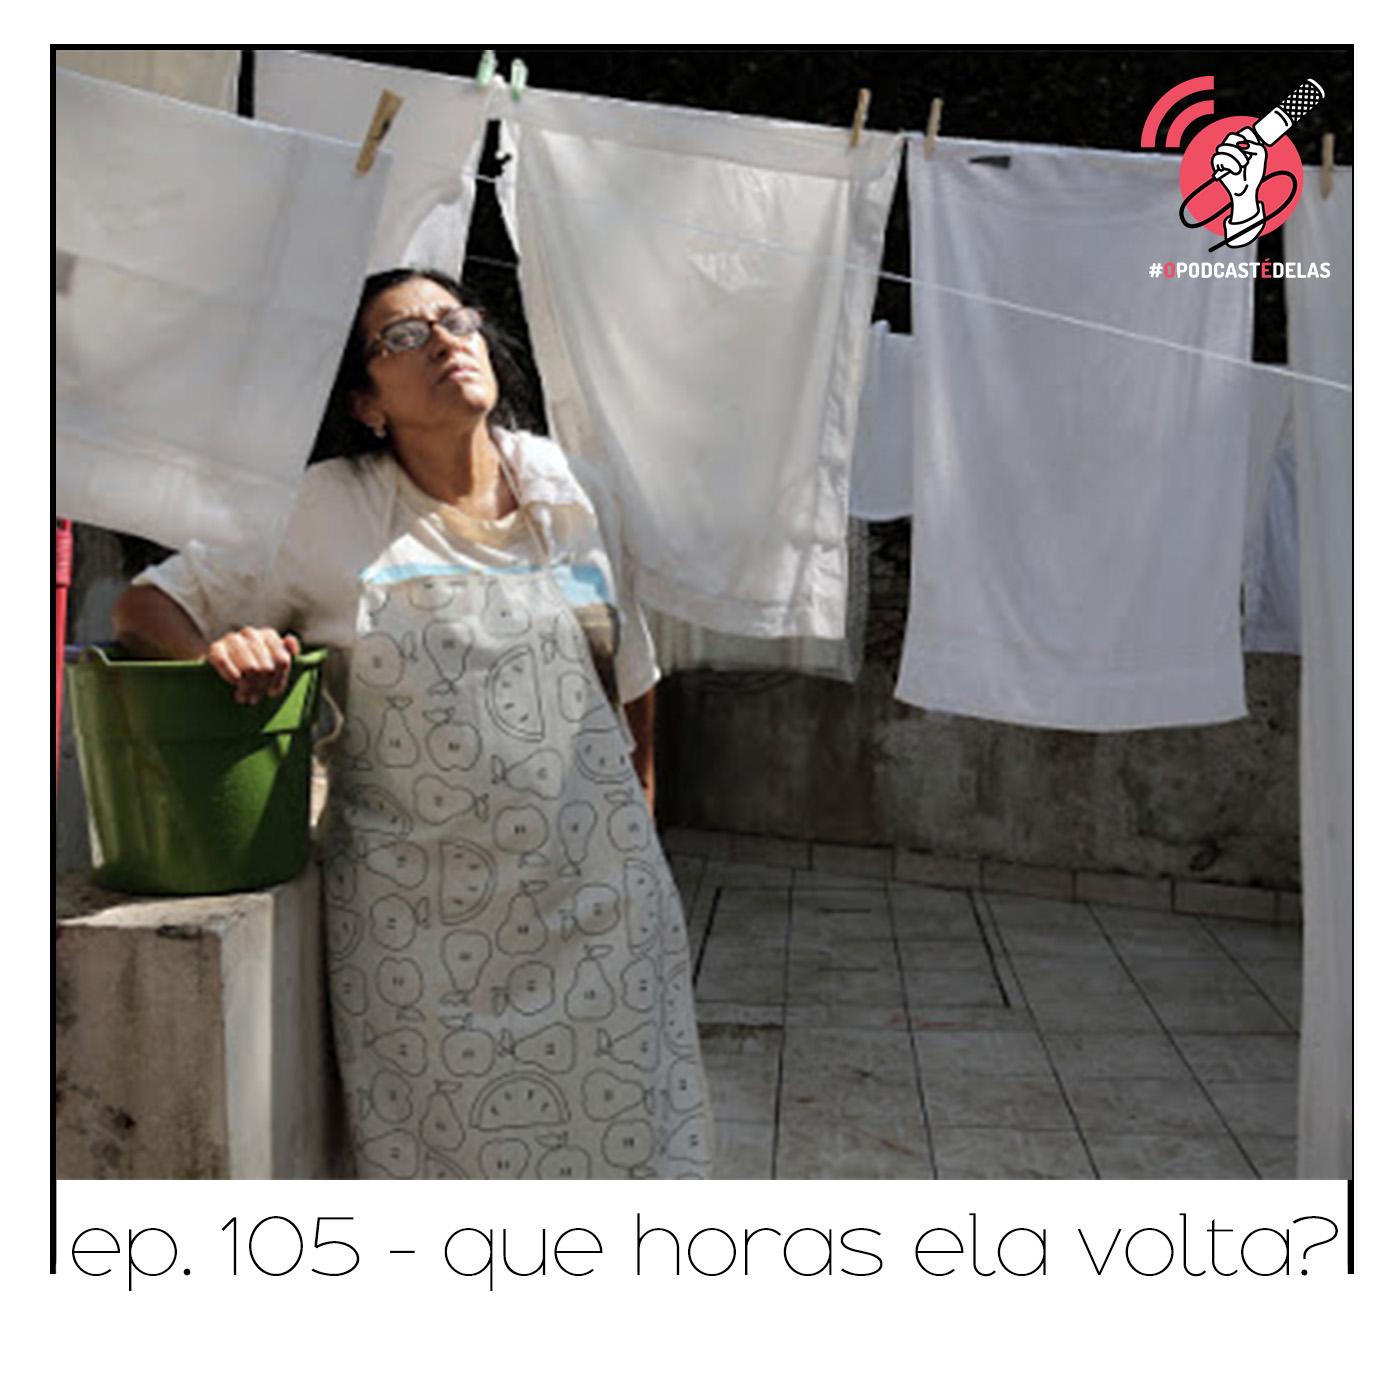 ep105quehoraselavolta - Anna Lívia Marques